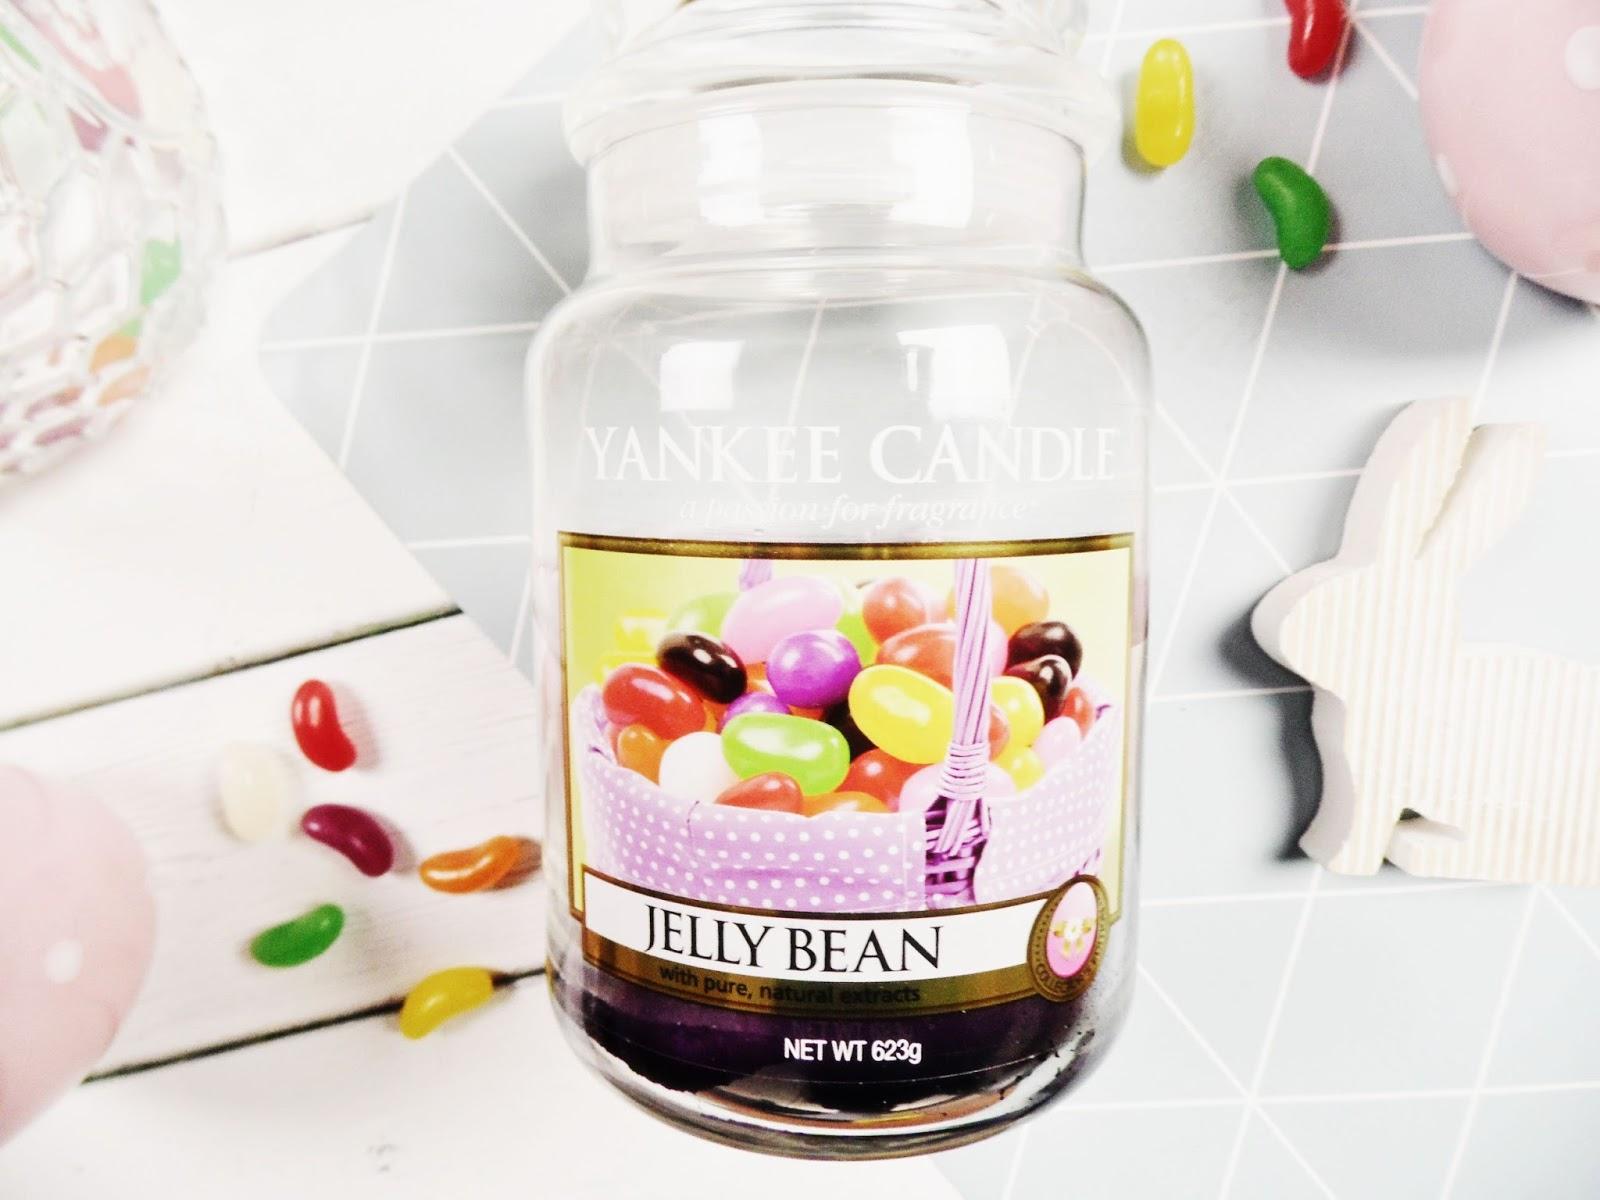 yankee candle jelly bean żelki świeca recenzja opinie hygge dom wystrój wnętrz